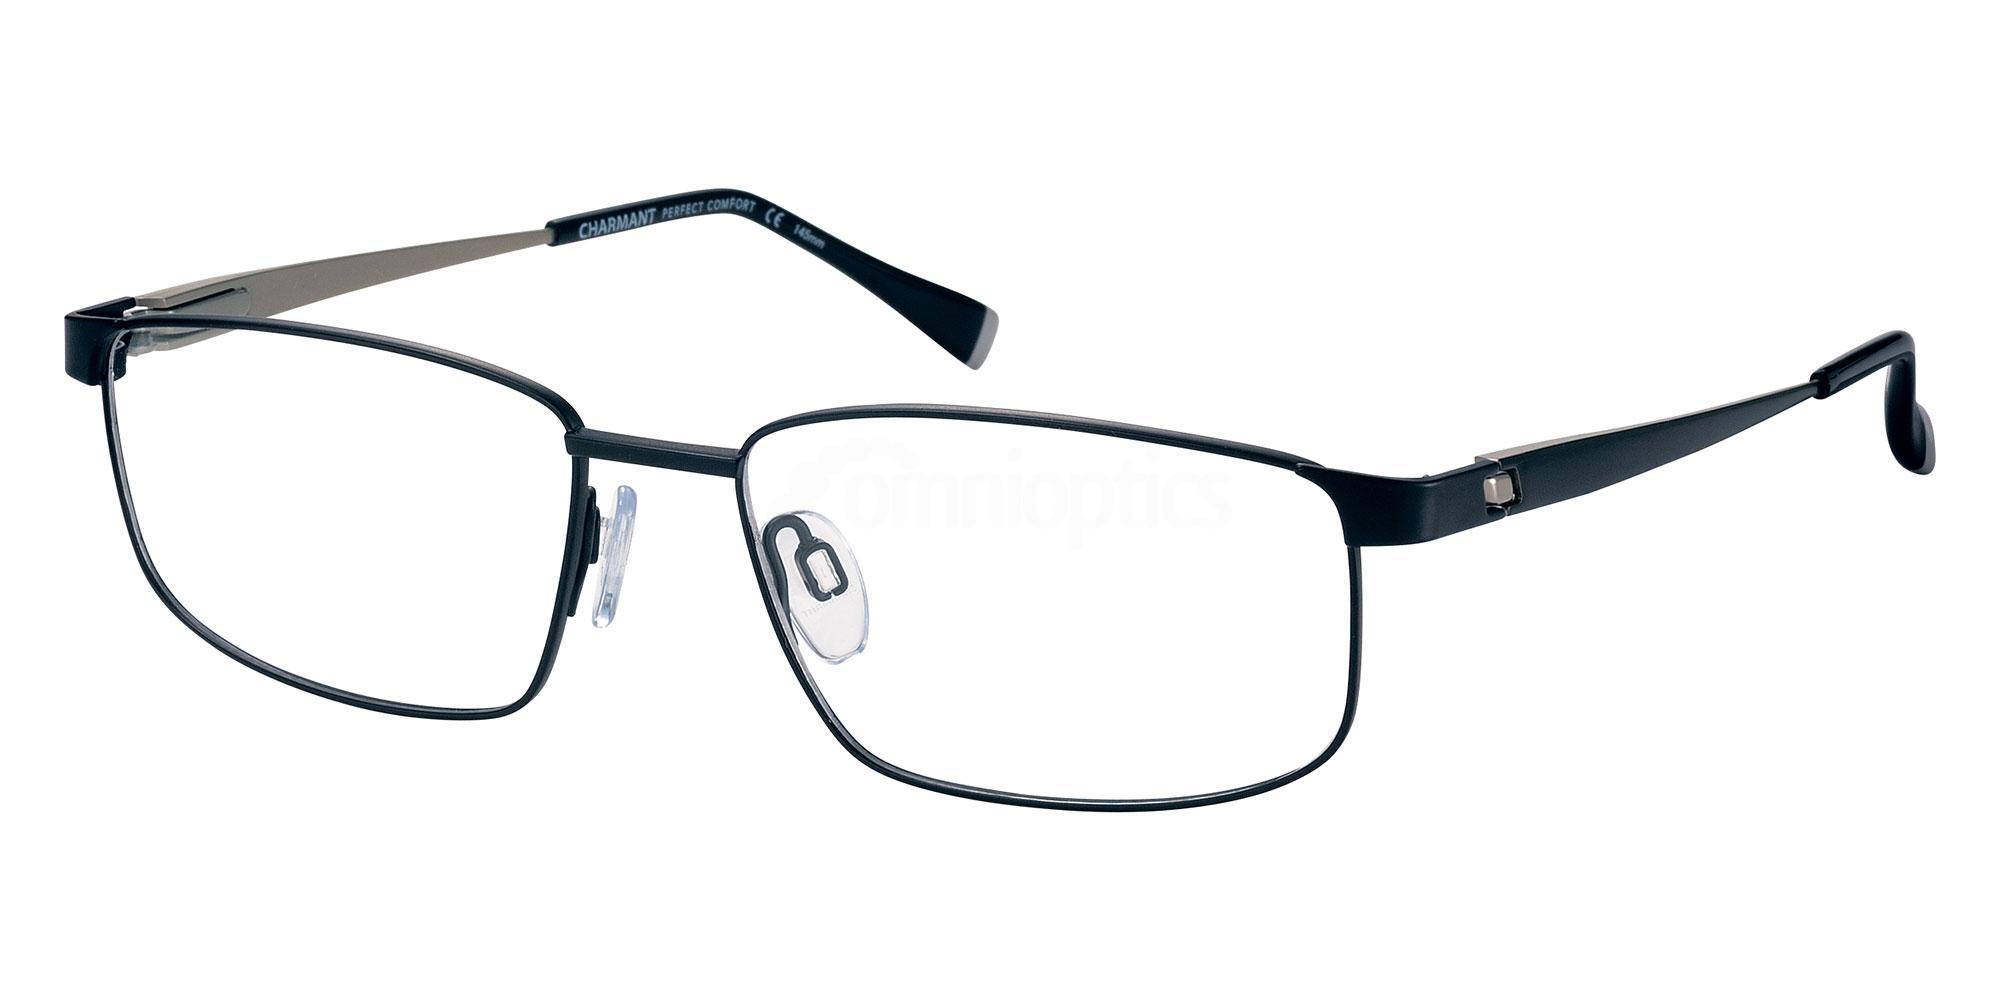 BK CH29501 Glasses, Charmant Perfect Comfort